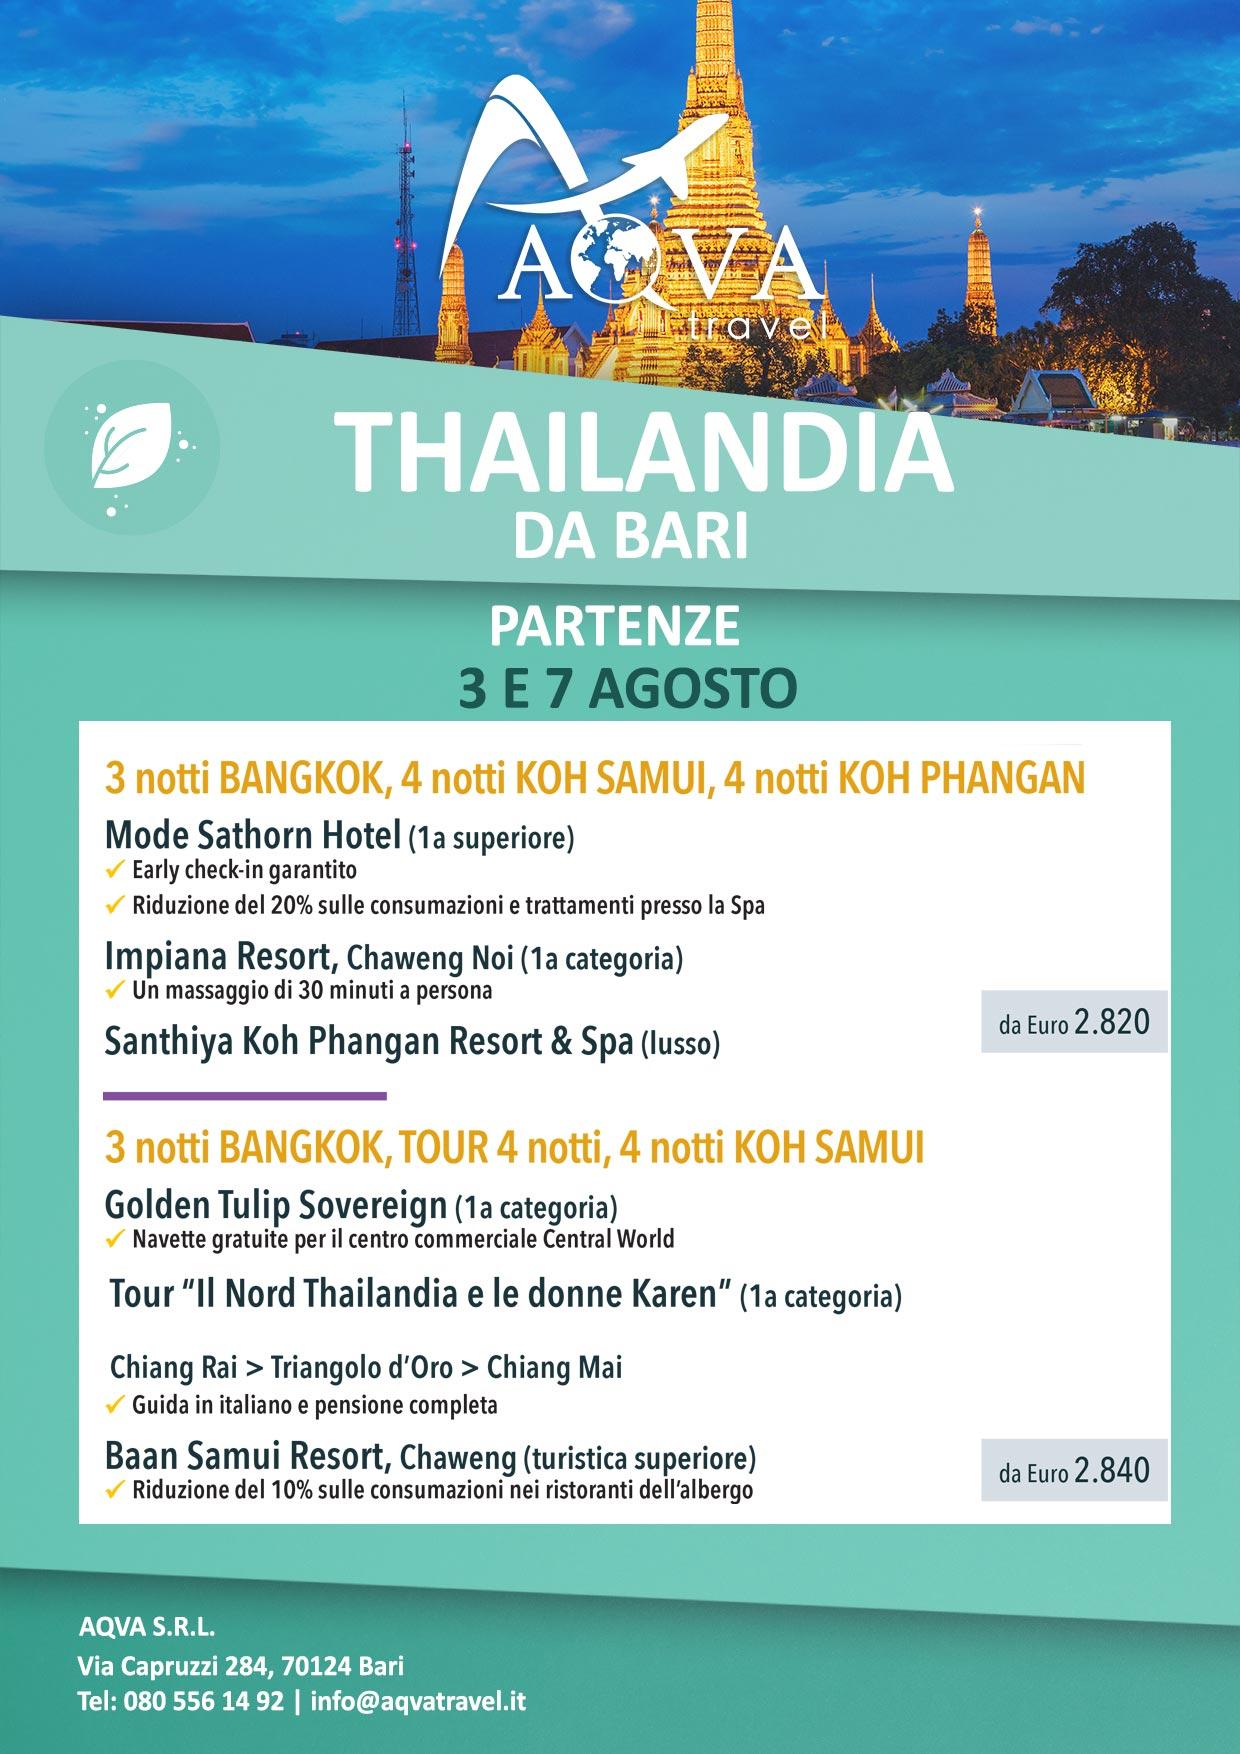 THAILANDIA-DA-BARI-PARTENZE-3-E-7-AGOSTO-NATURA-offerte-agenzia-di-viaggi-Bari-AQVATRAVEL-it